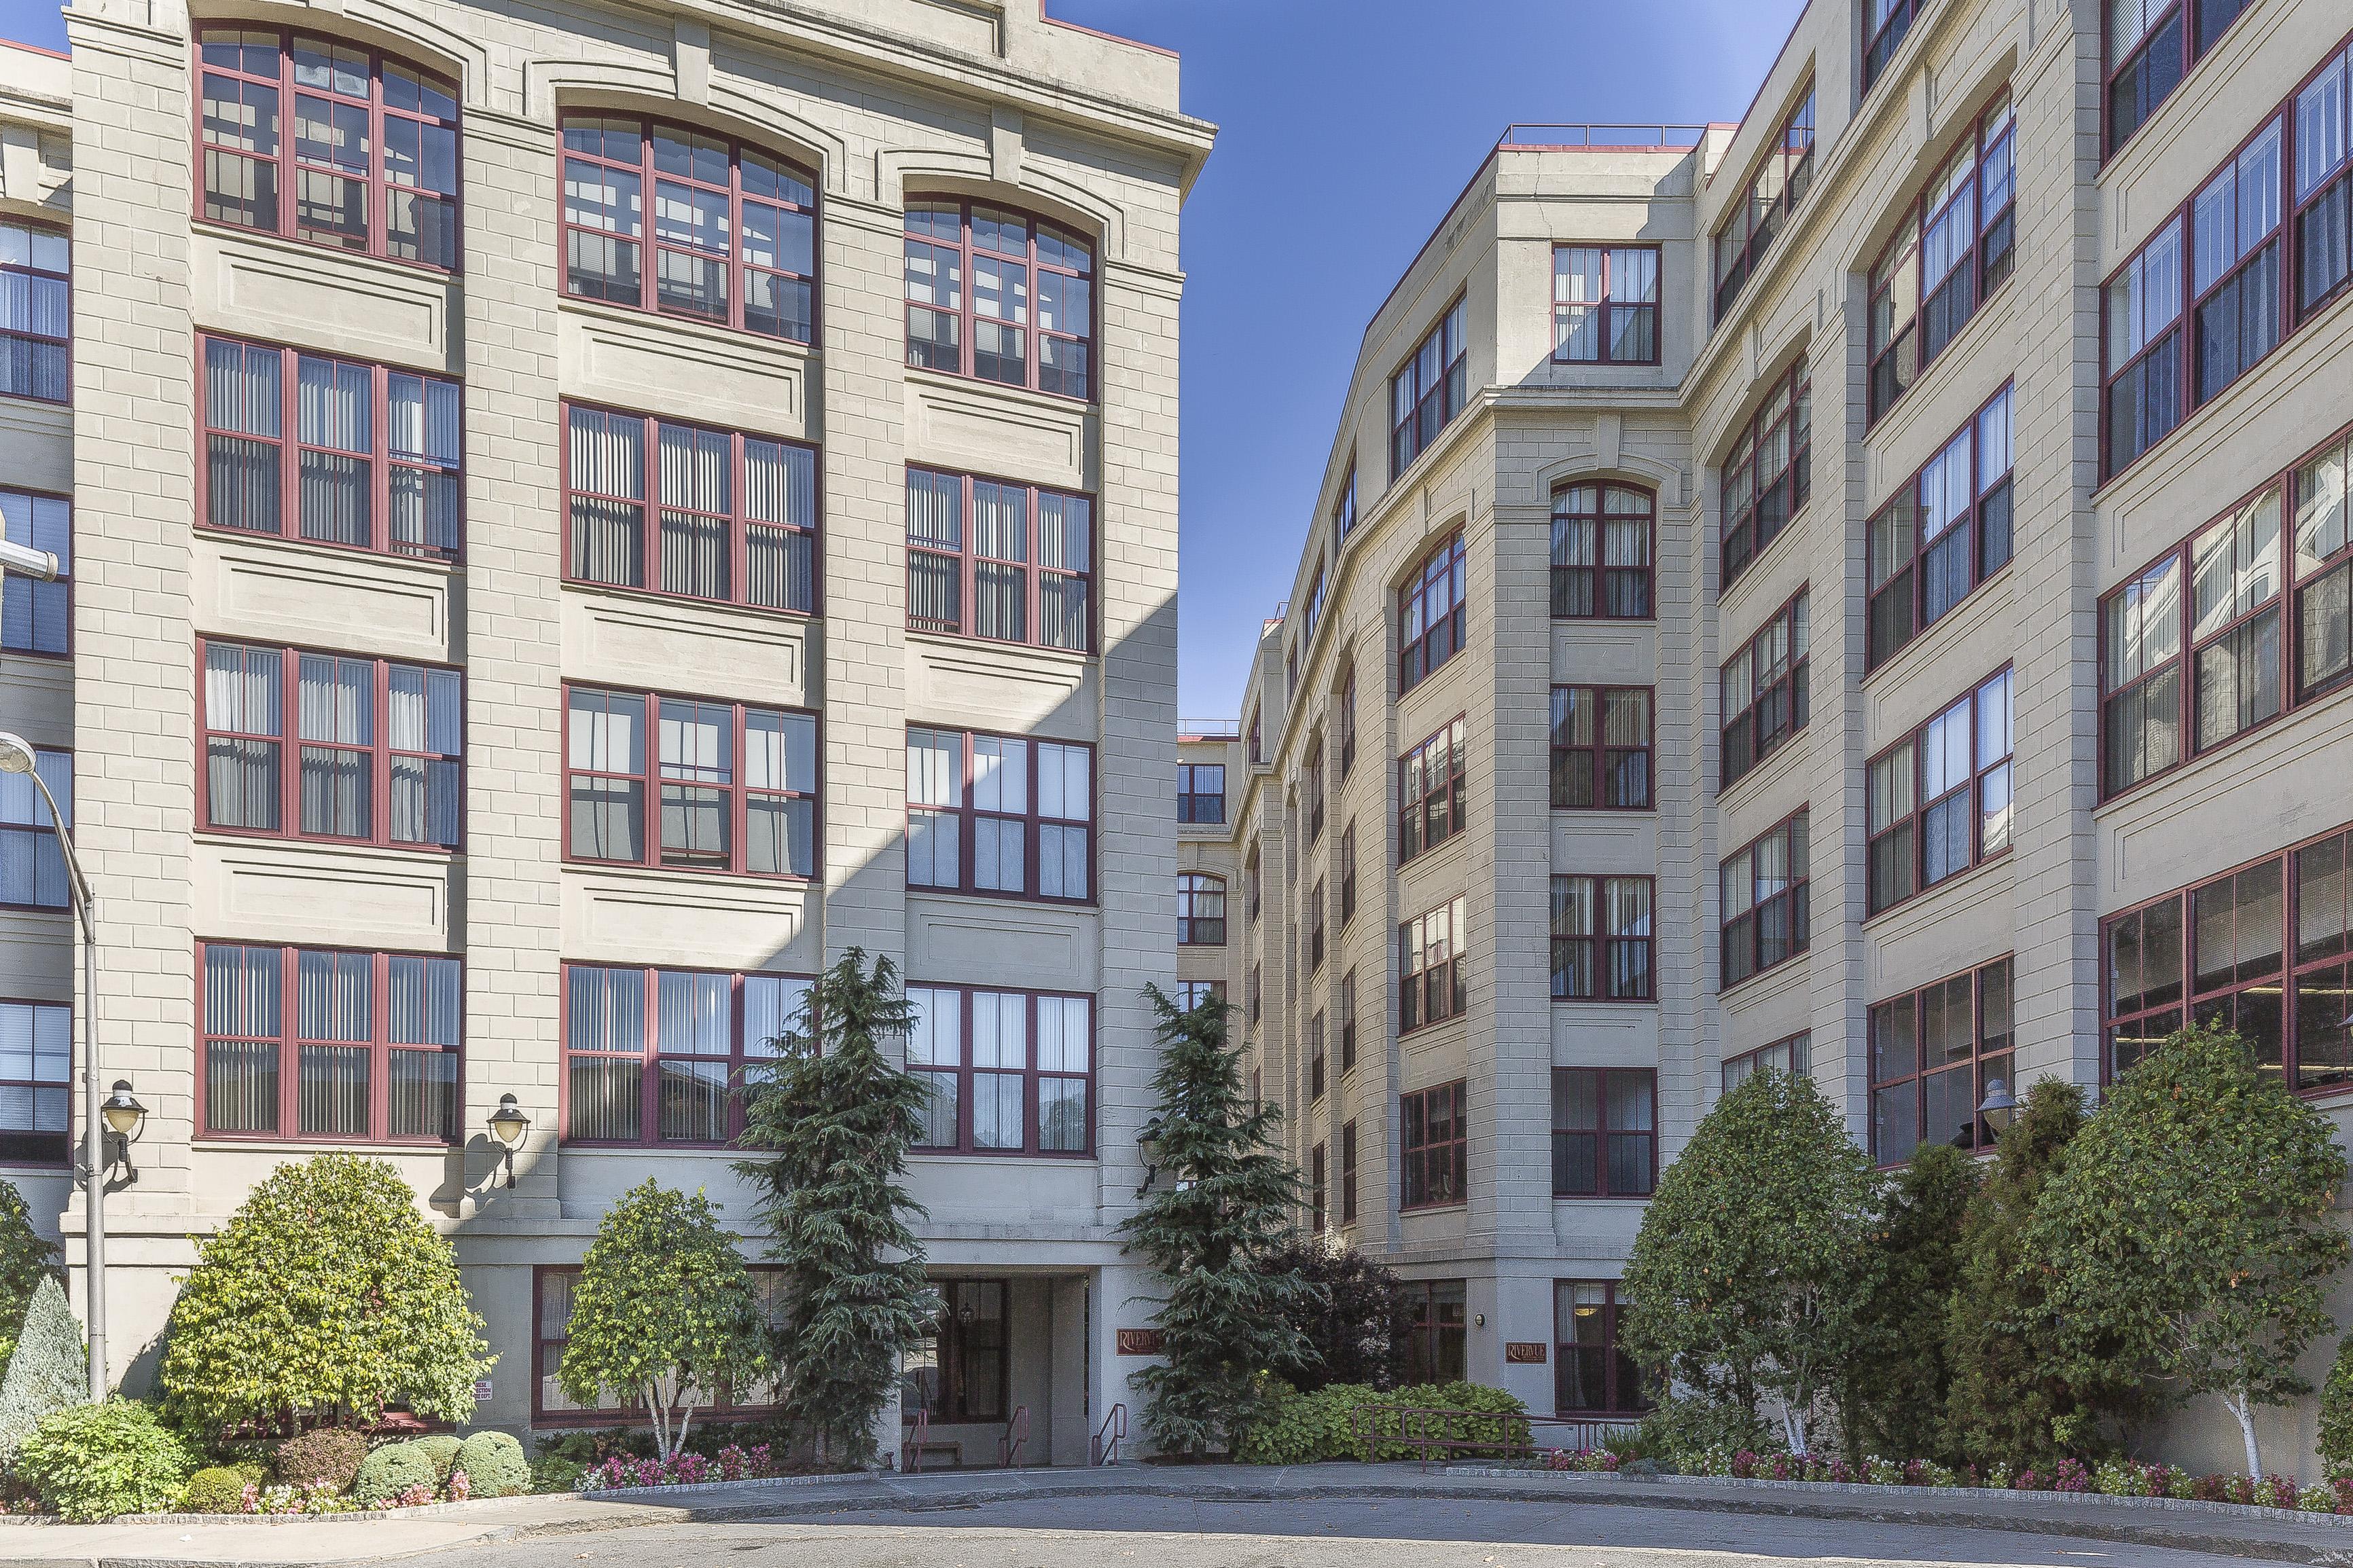 Eigentumswohnung für Verkauf beim Loft Style Living 1 Scarsdale Road 612 Tuckahoe, New York, 10707 Vereinigte Staaten